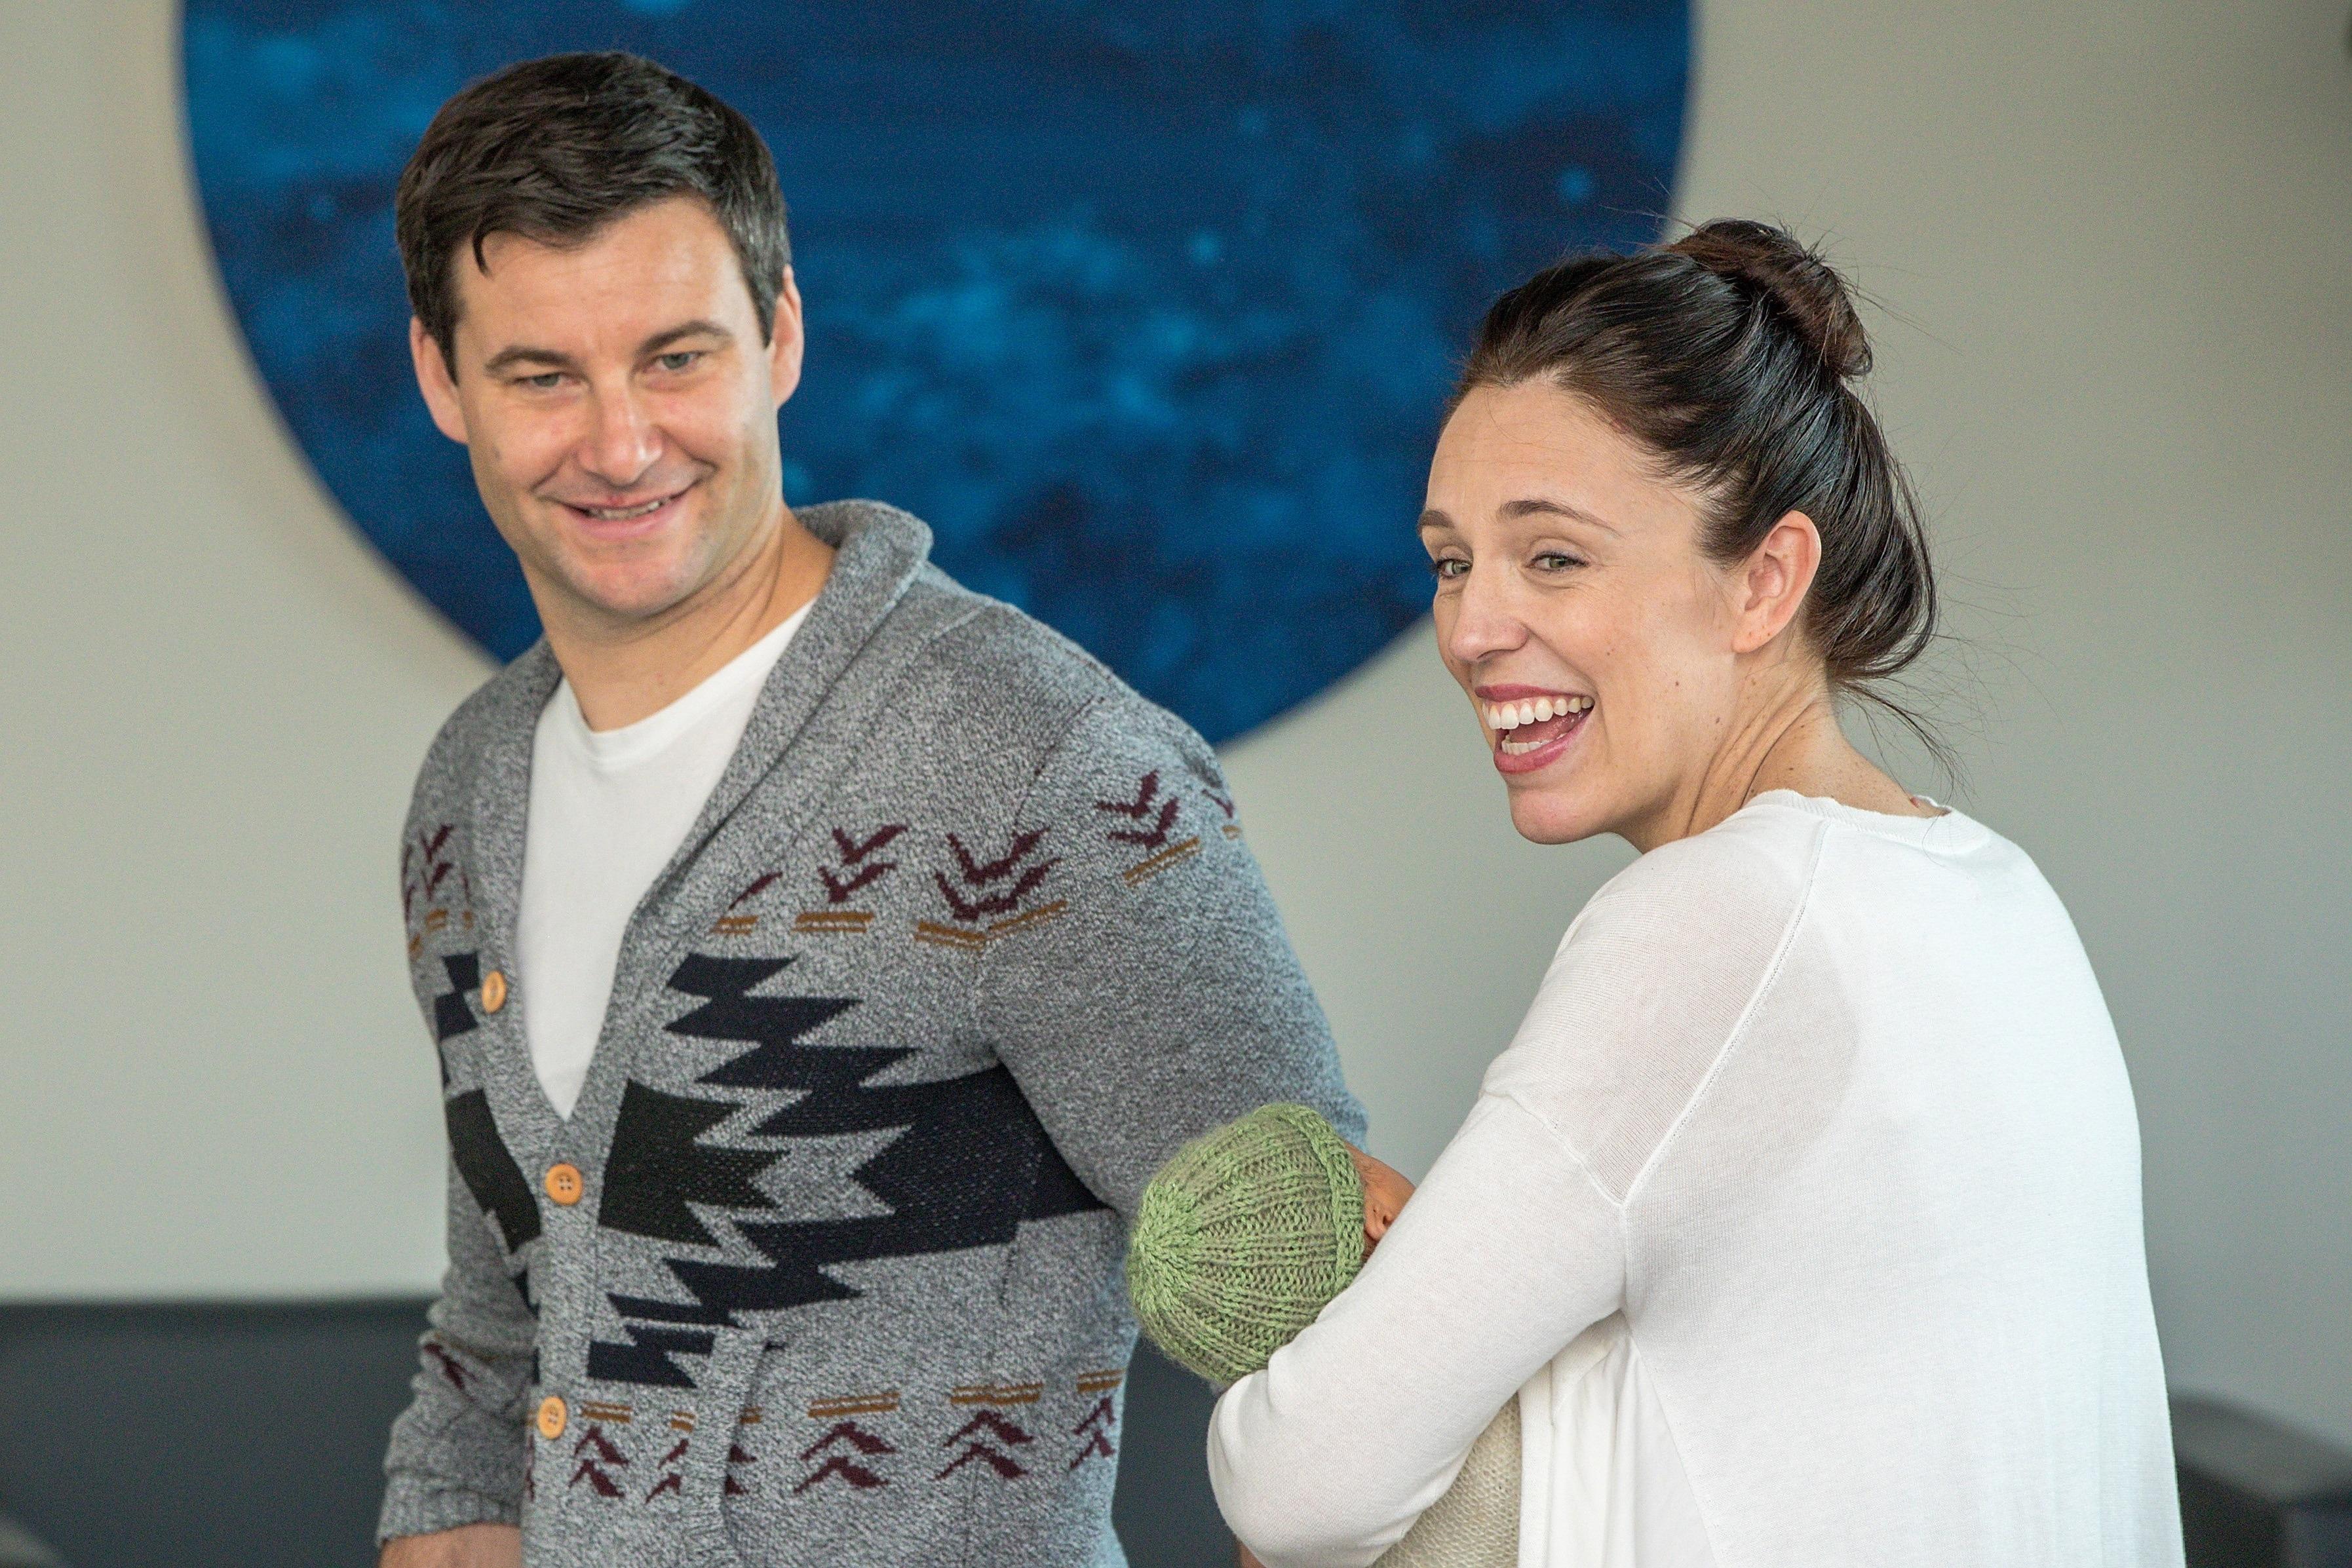 Ясинда Ардърн и партньорът ѝ са кръстили момиченцето си Нийв